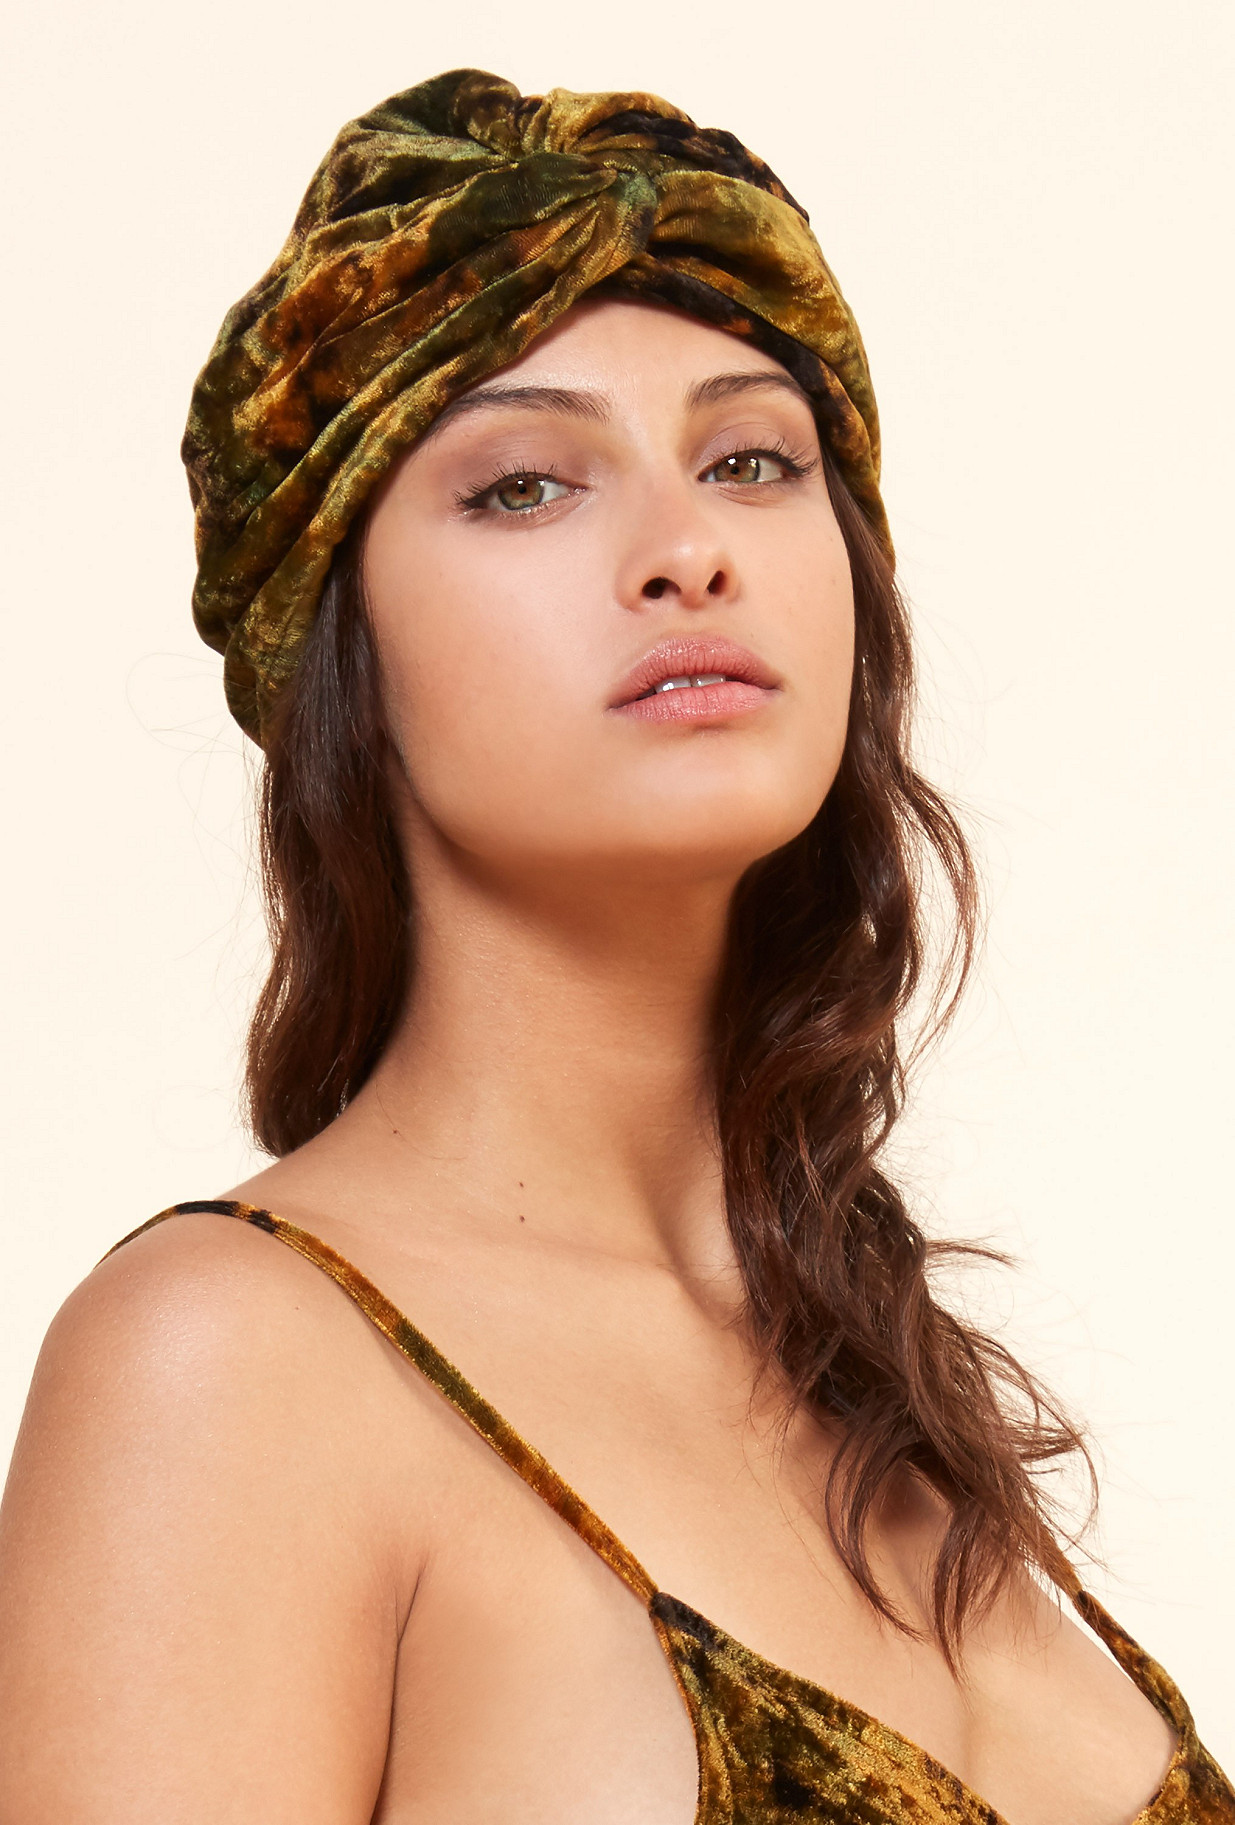 Paris boutique de mode vêtement Turban créateur bohème  Shou